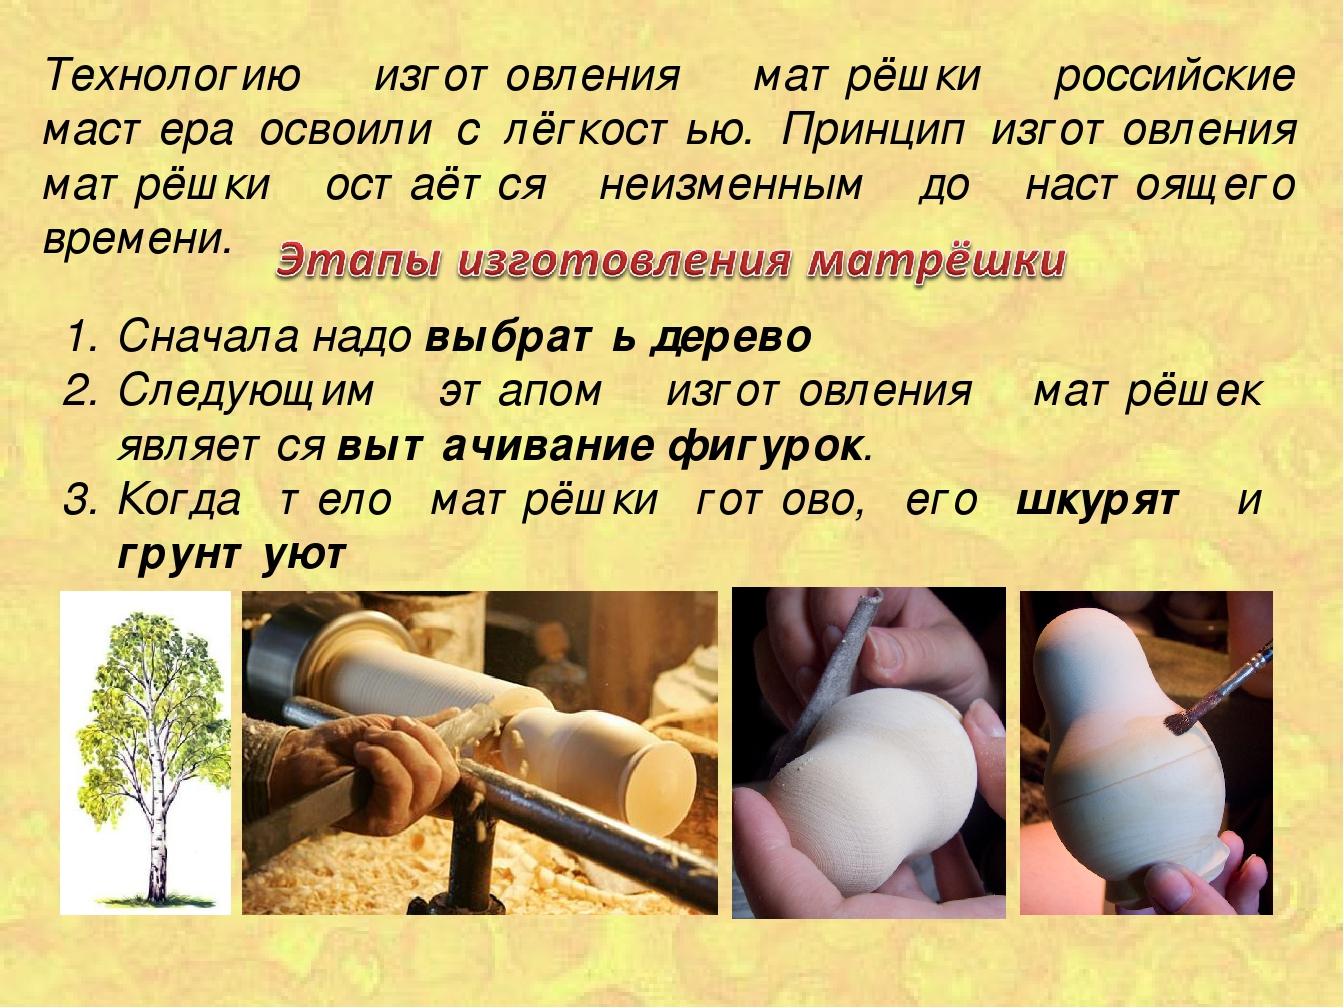 Технологию изготовления матрёшки российские мастера освоили с лёгкостью. Прин...